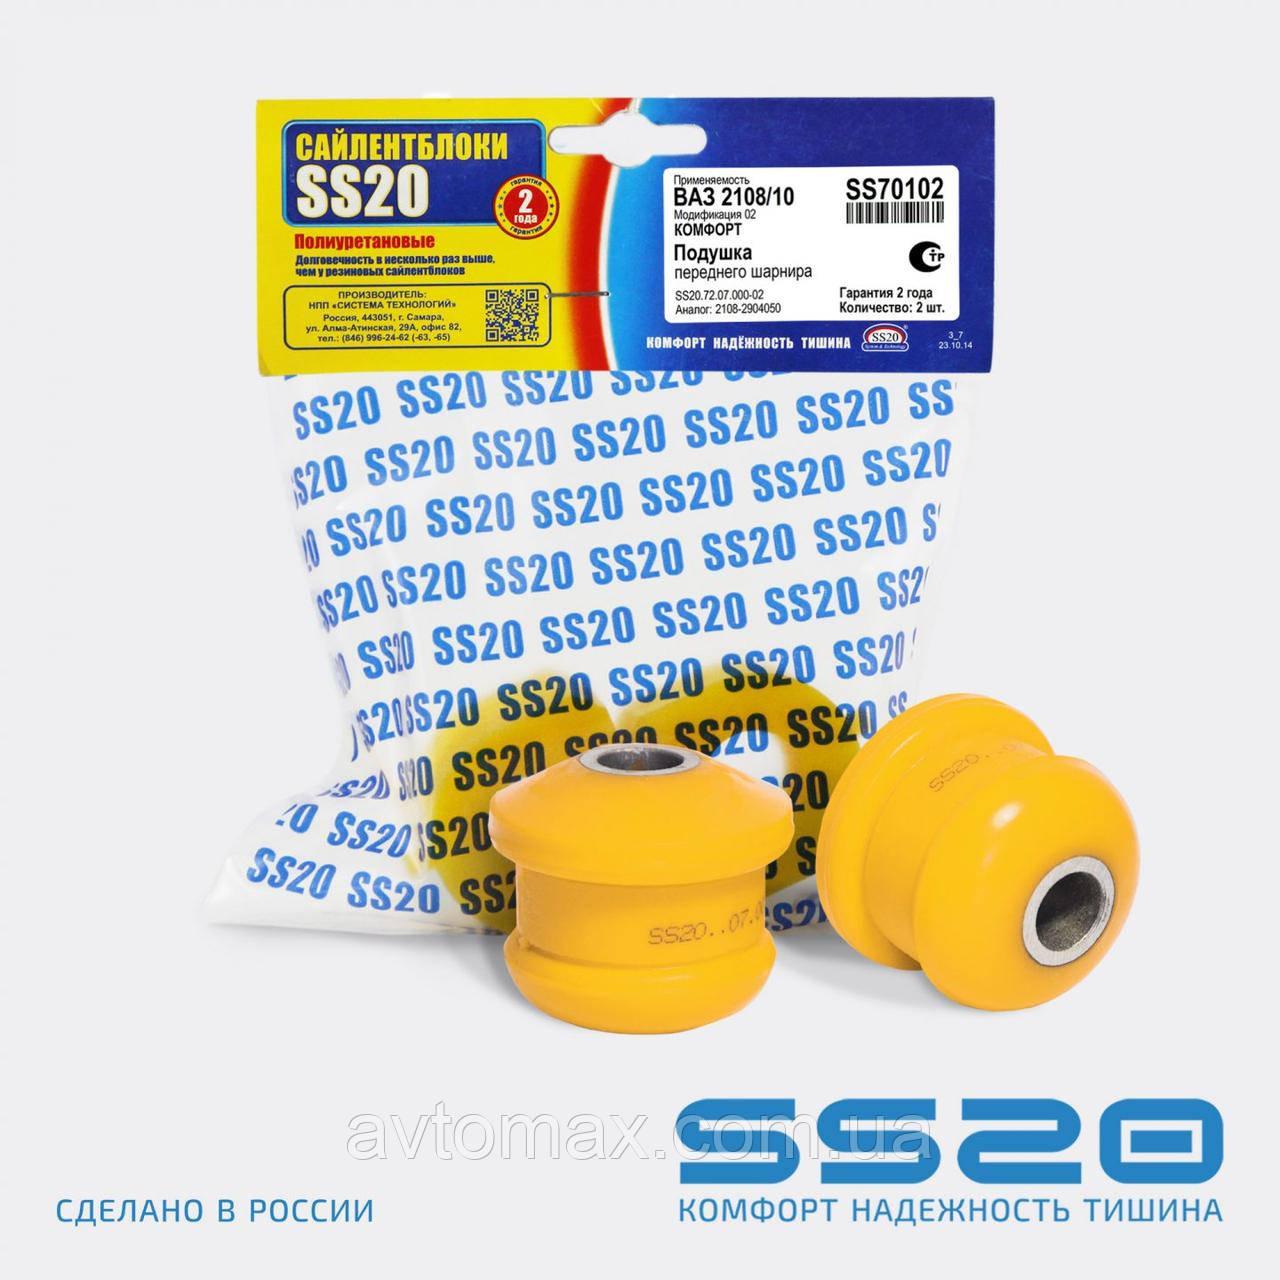 Втулка кронштейна растяжки ВАЗ 2110-12 SS-20 (передней шарнира) 2шт/ полиуритан SS70102